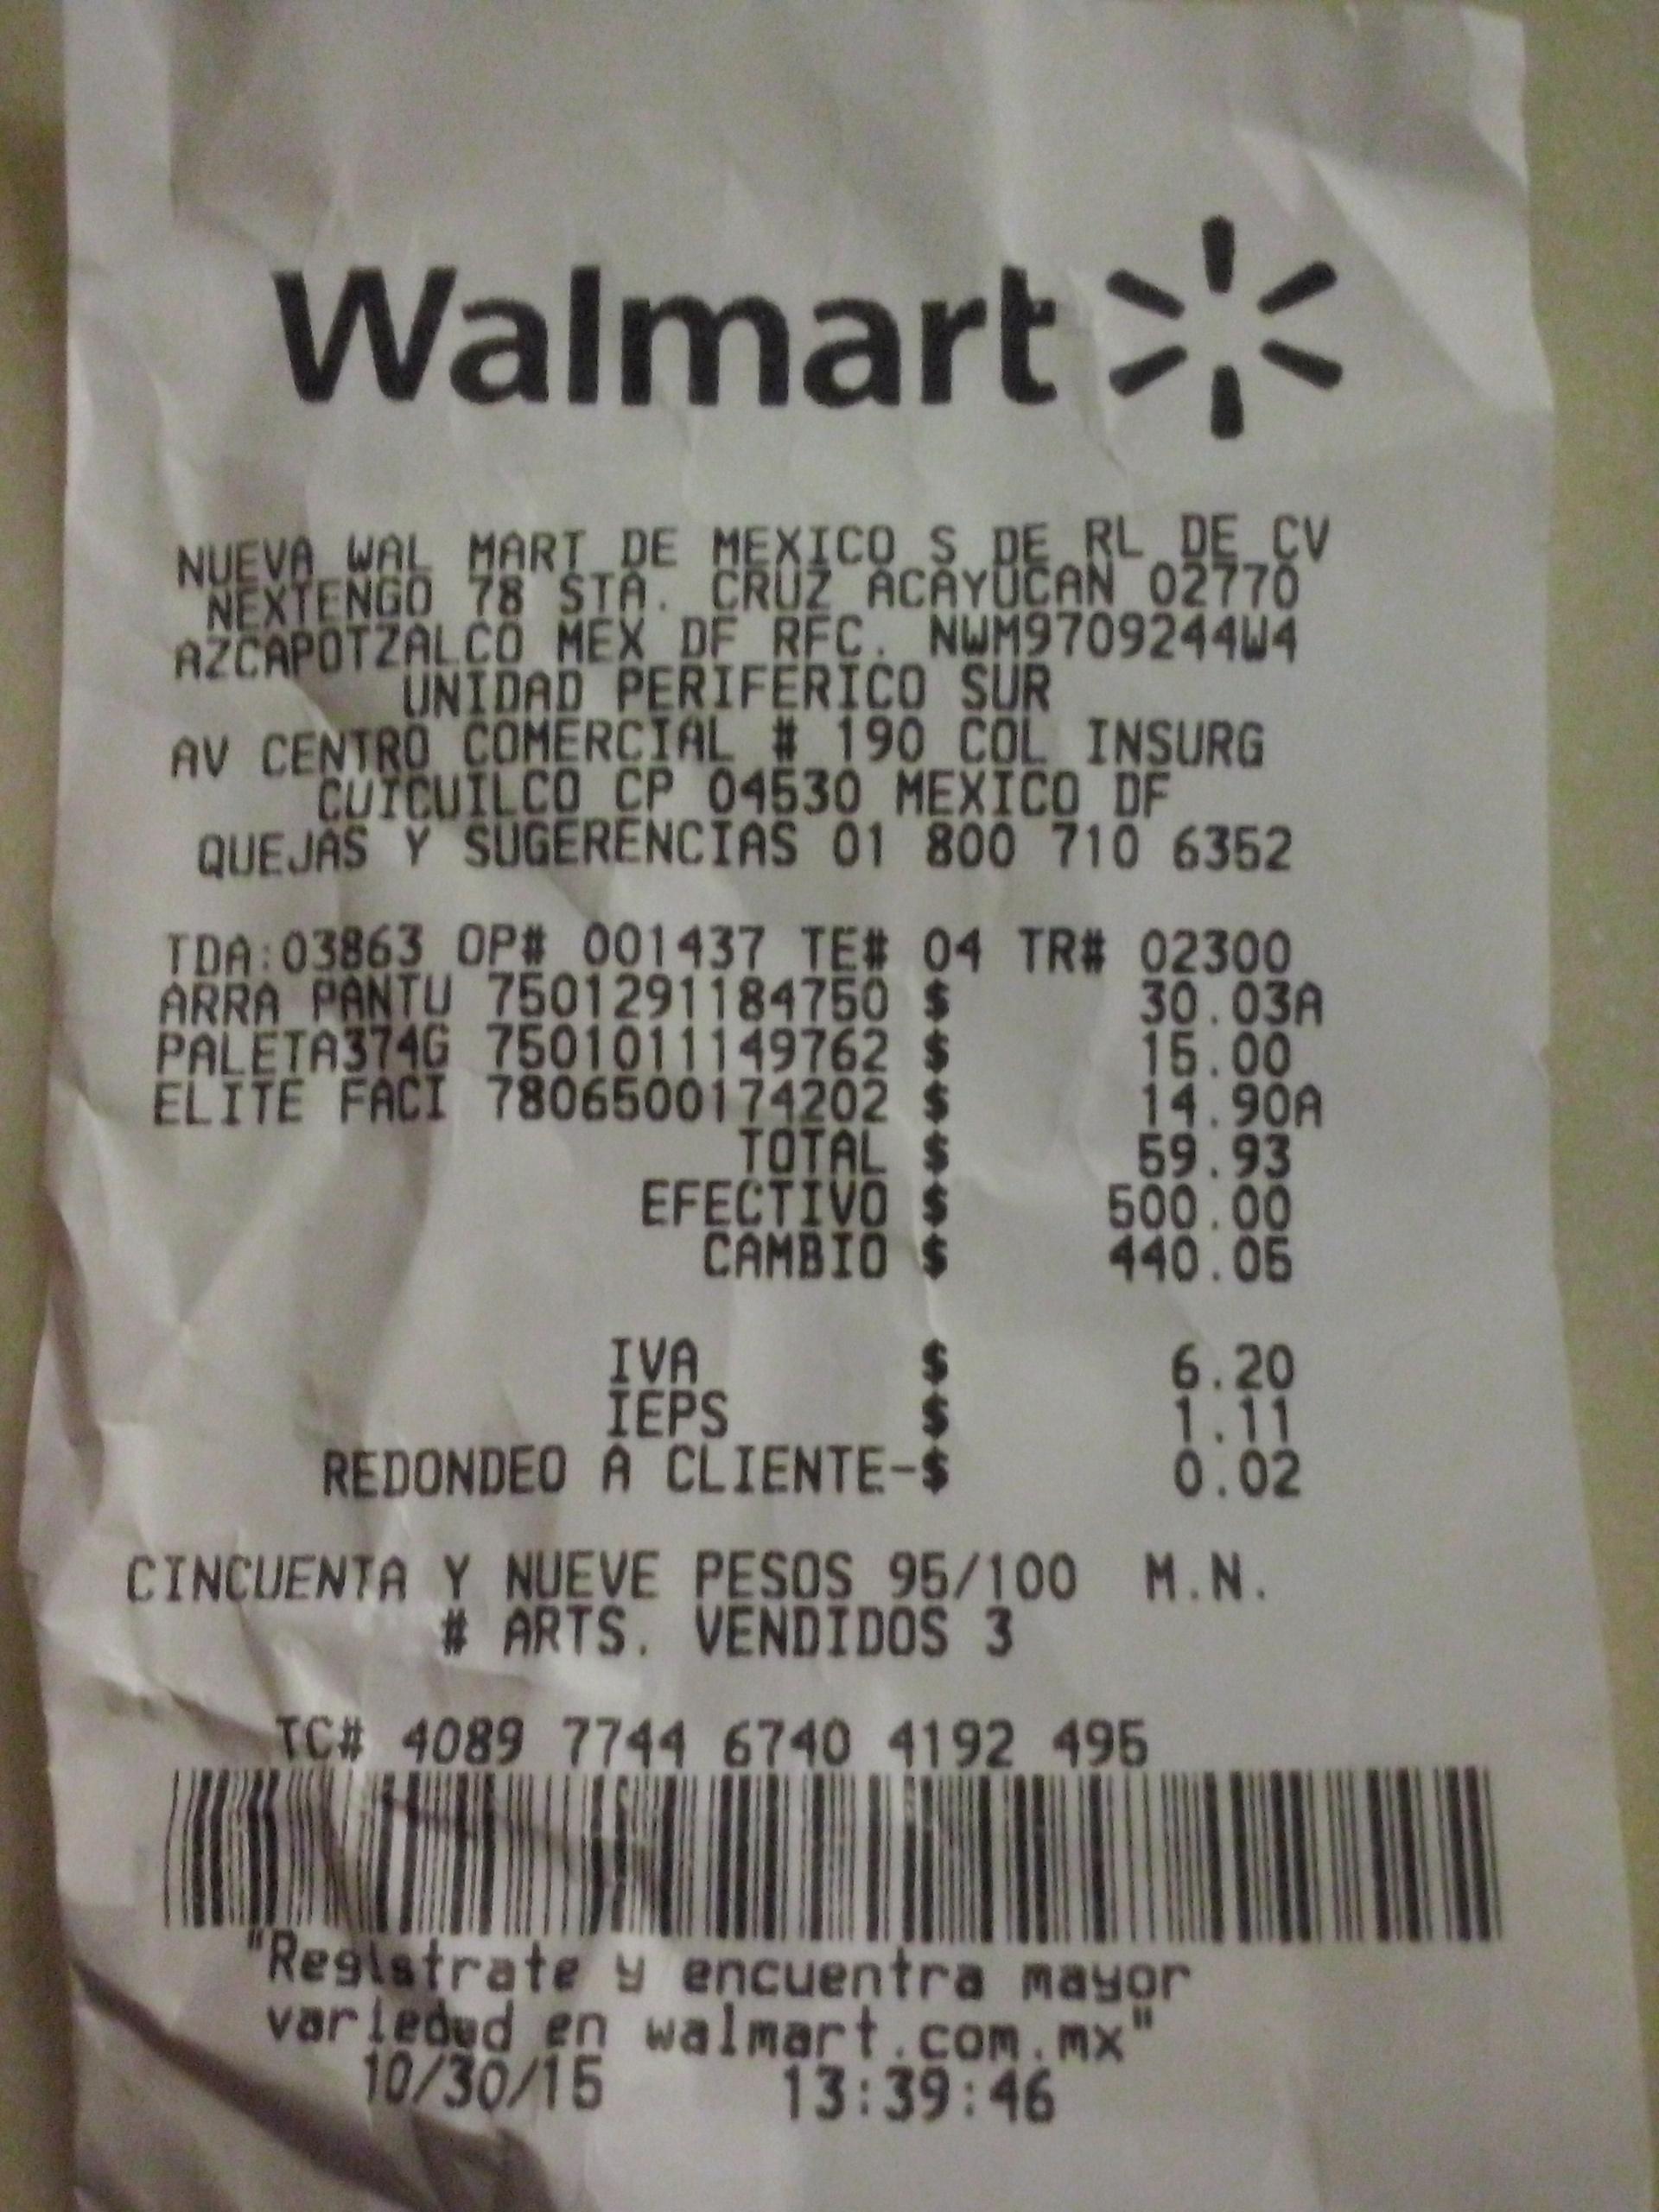 Walmart Perisur: Bolsa de paletas Sonrics a $15